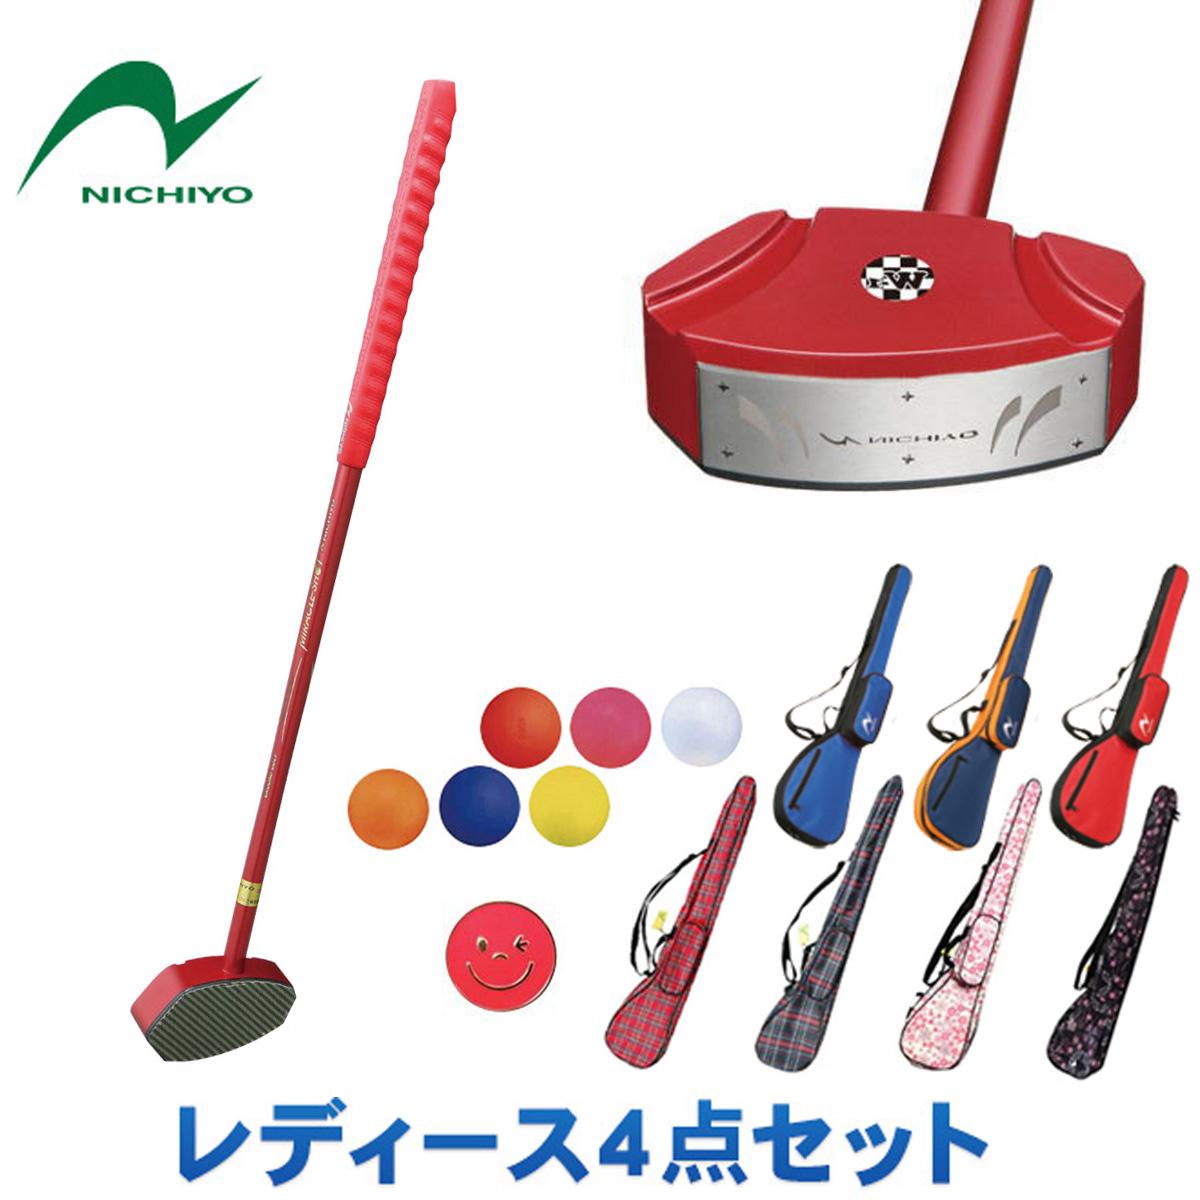 グラウンドゴルフ クラブ ニチヨー NICHIYO グルーヴモデル W-1 レディース4点セット グラウンドゴルフ用品 グランドゴルフ用品